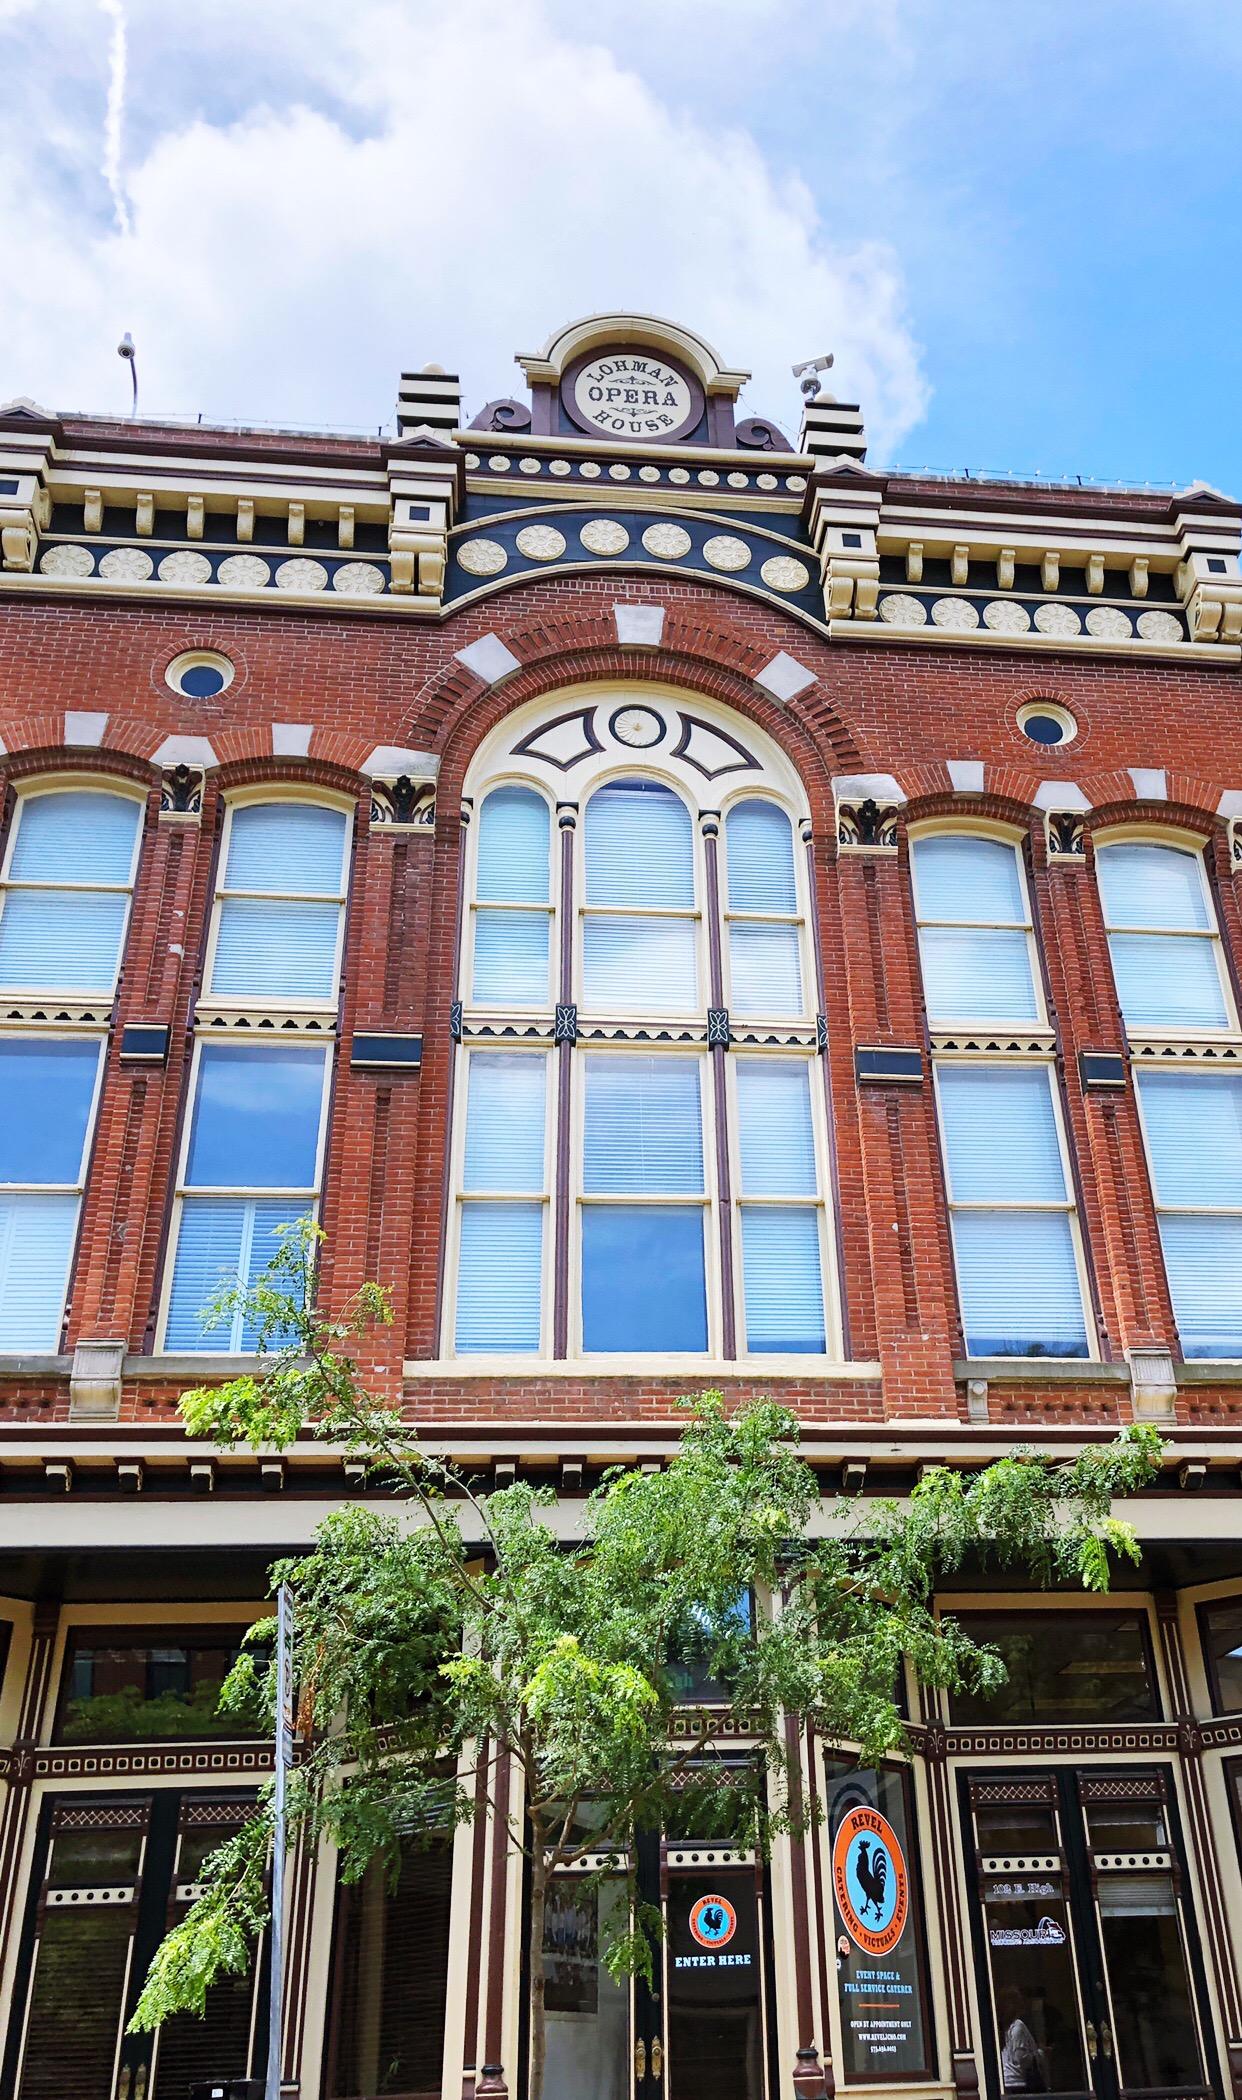 jefferson-city-mo-architecture-lohman-opera-house-downtown-jeff-city